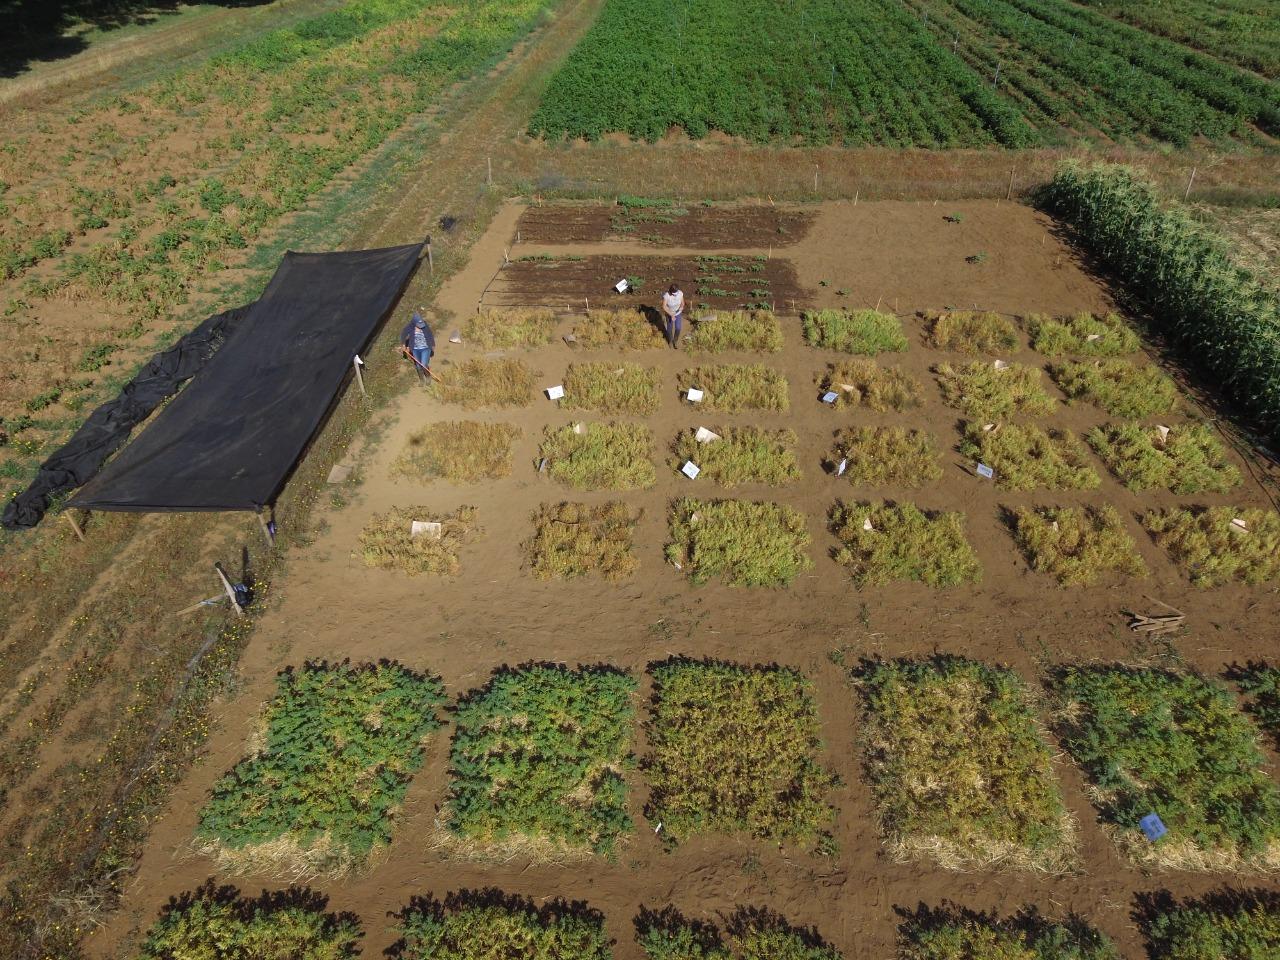 Ensayos comparativos del cultivo agroecológico de lentejas y garbanzos en la Estación Experimental Agropecuaria Austral de la UACh